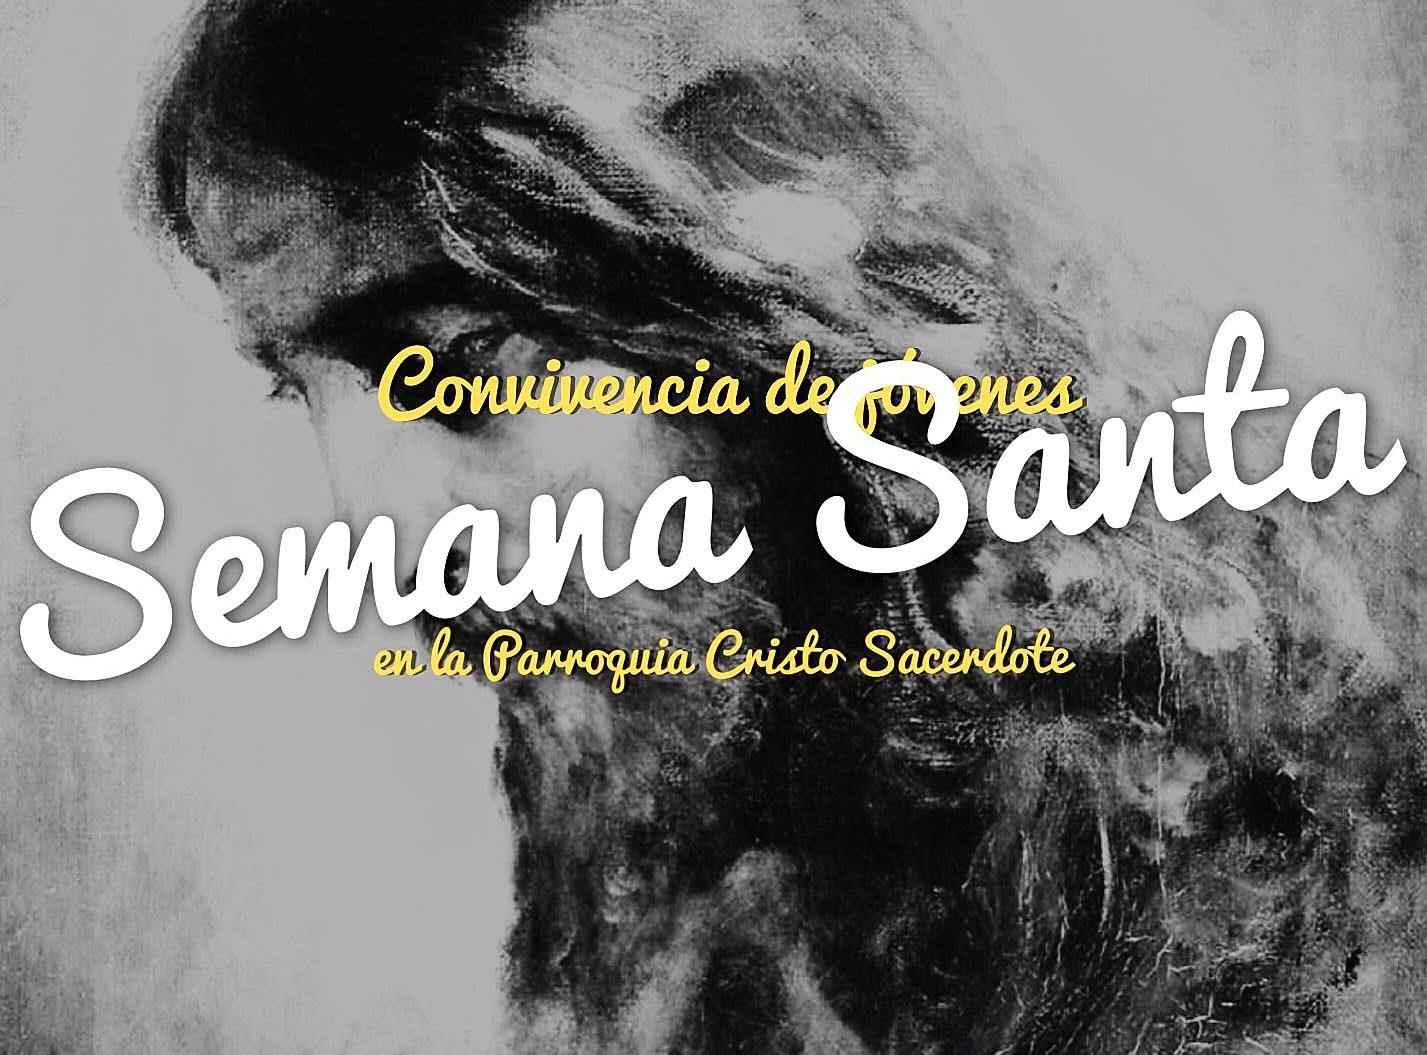 SEMANA SANTA IN THE PARRO'19